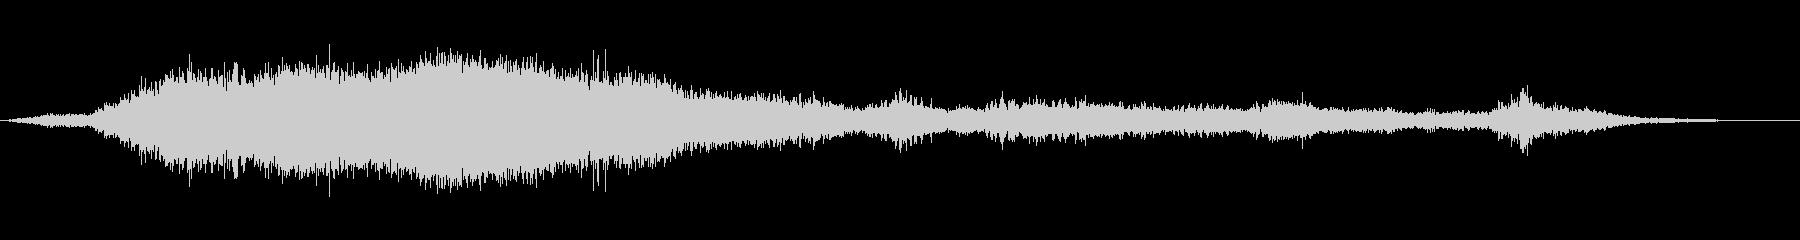 渦巻く中空のフーシュ4の未再生の波形